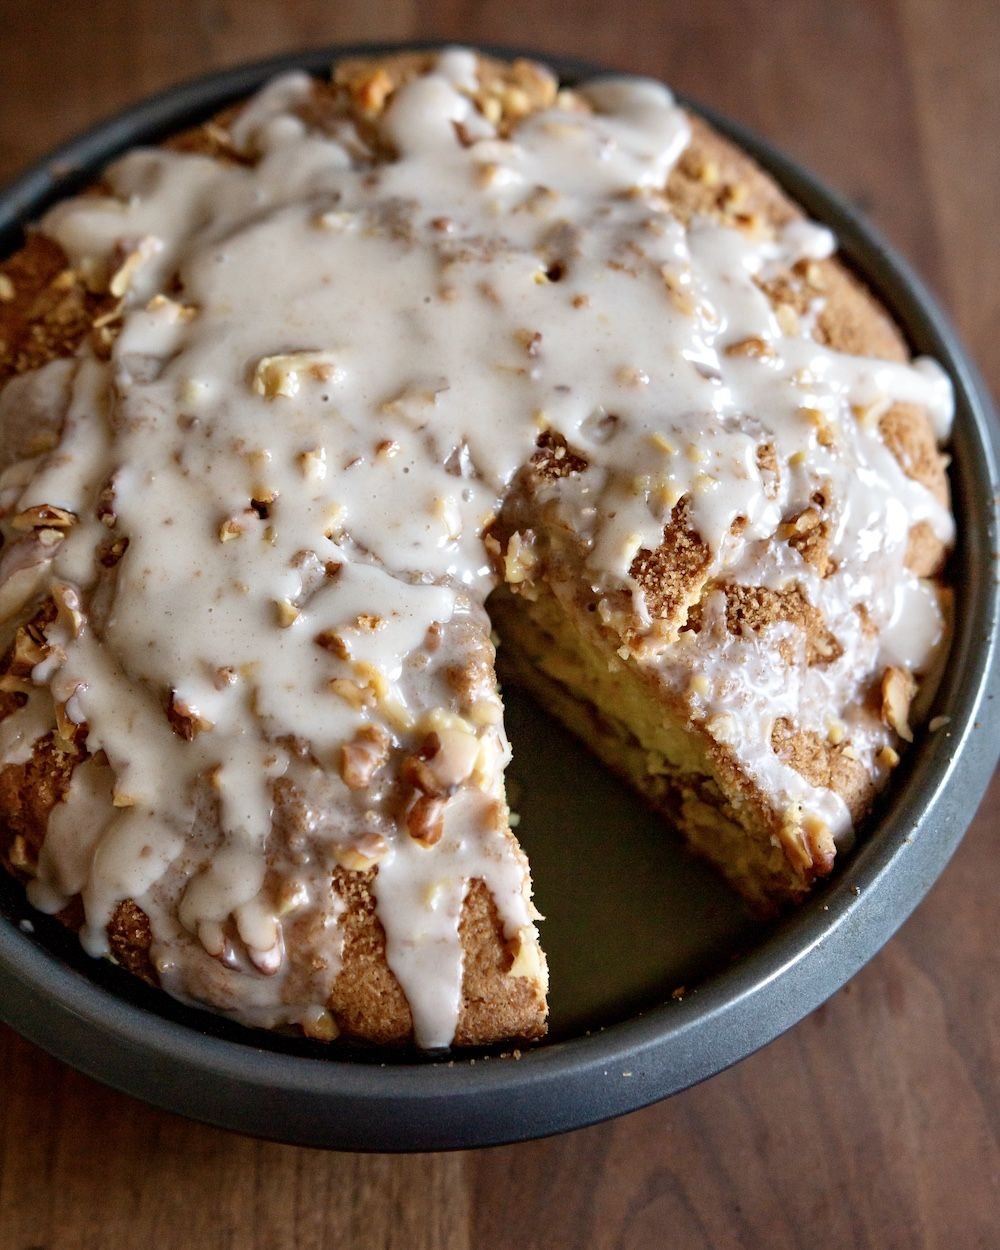 Best Sour Cream Coffee Cake Recipe Recipe In 2020 Sour Cream Coffee Cake Coffee Cake Recipes Easy Coffee Cake